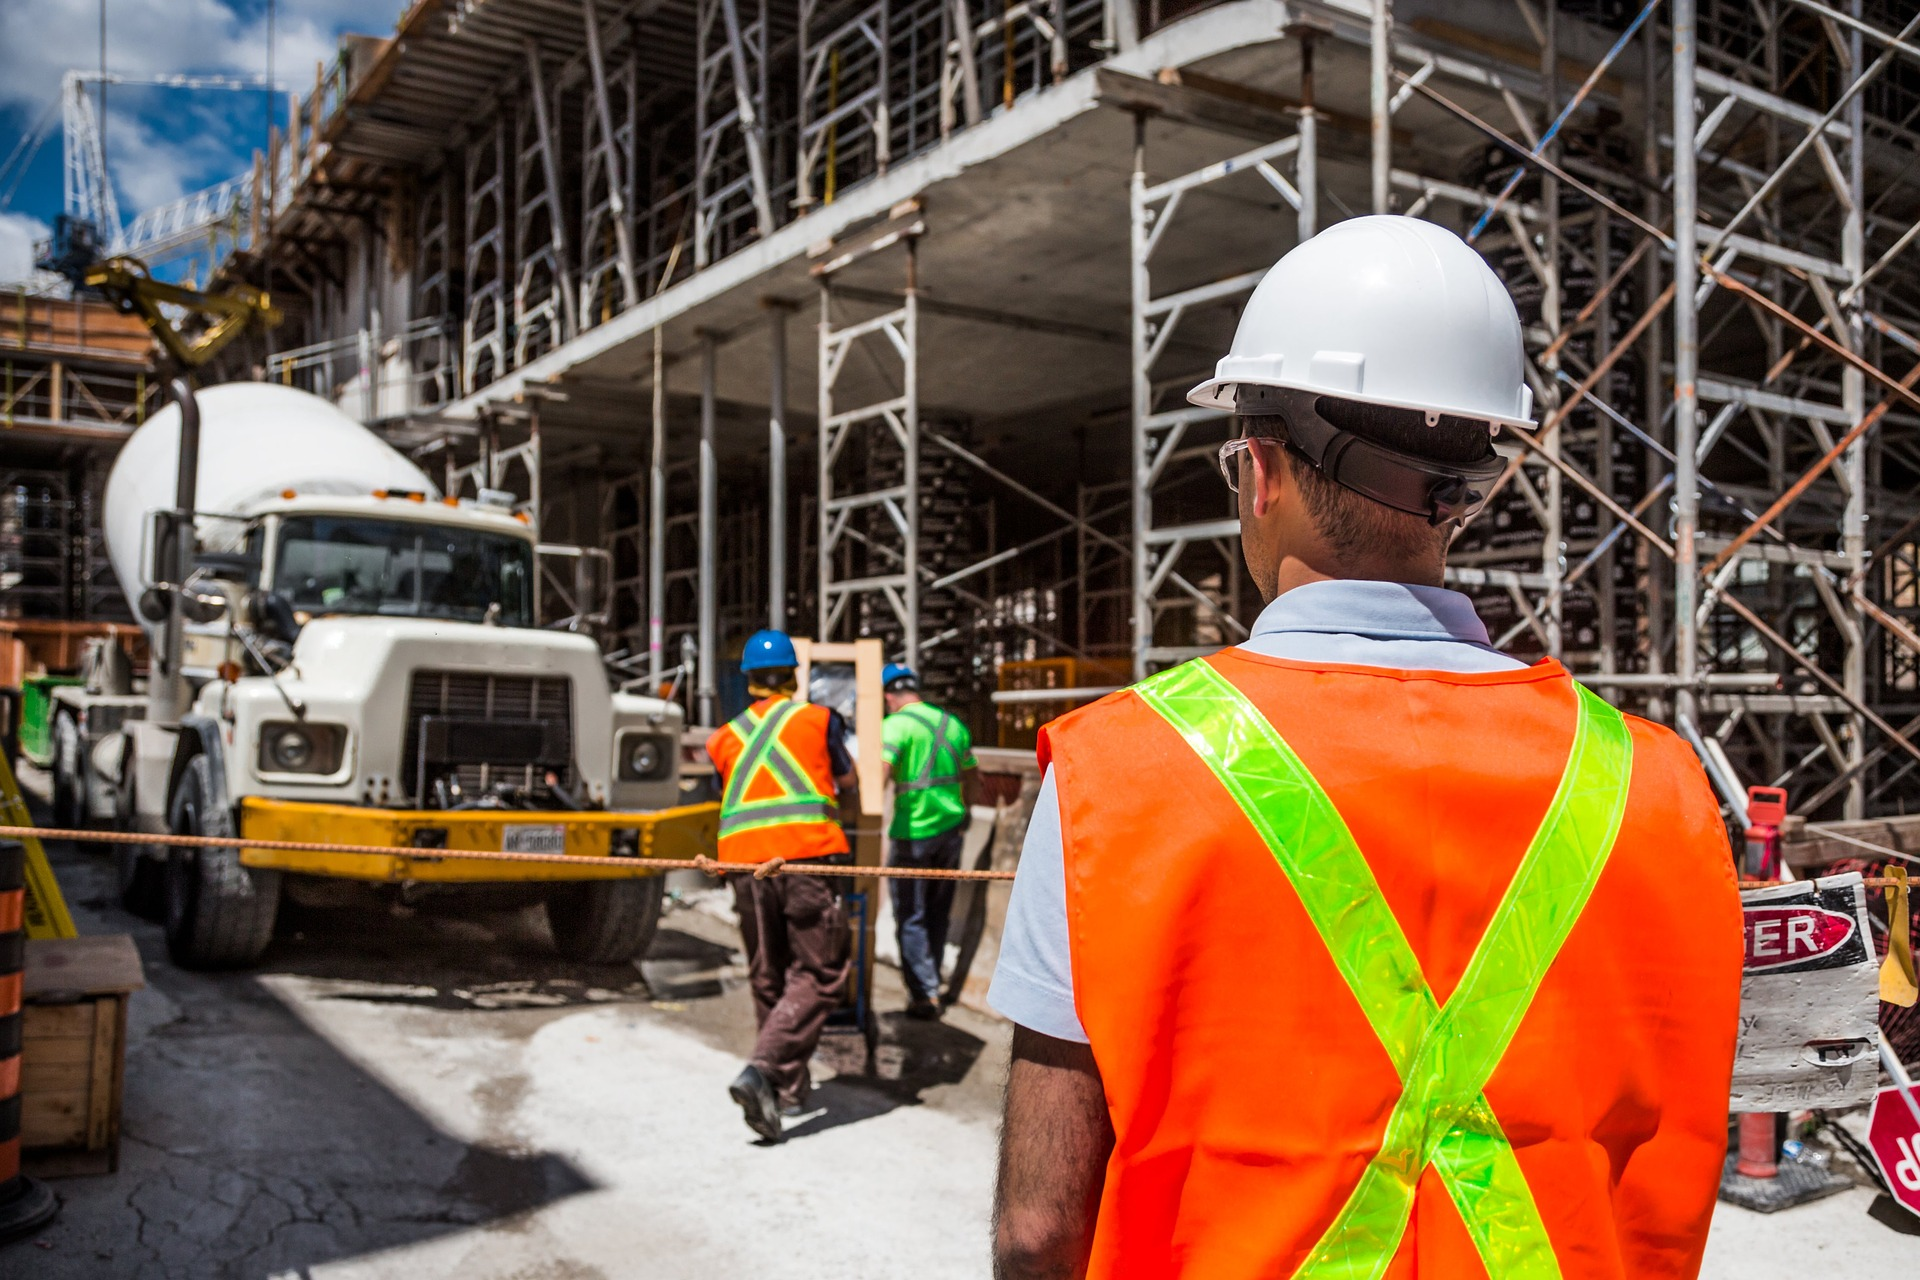 Budowa: gruszka do betonu. Robotnicy przygotowujący beton z gruszki do zalewania fundamentów.